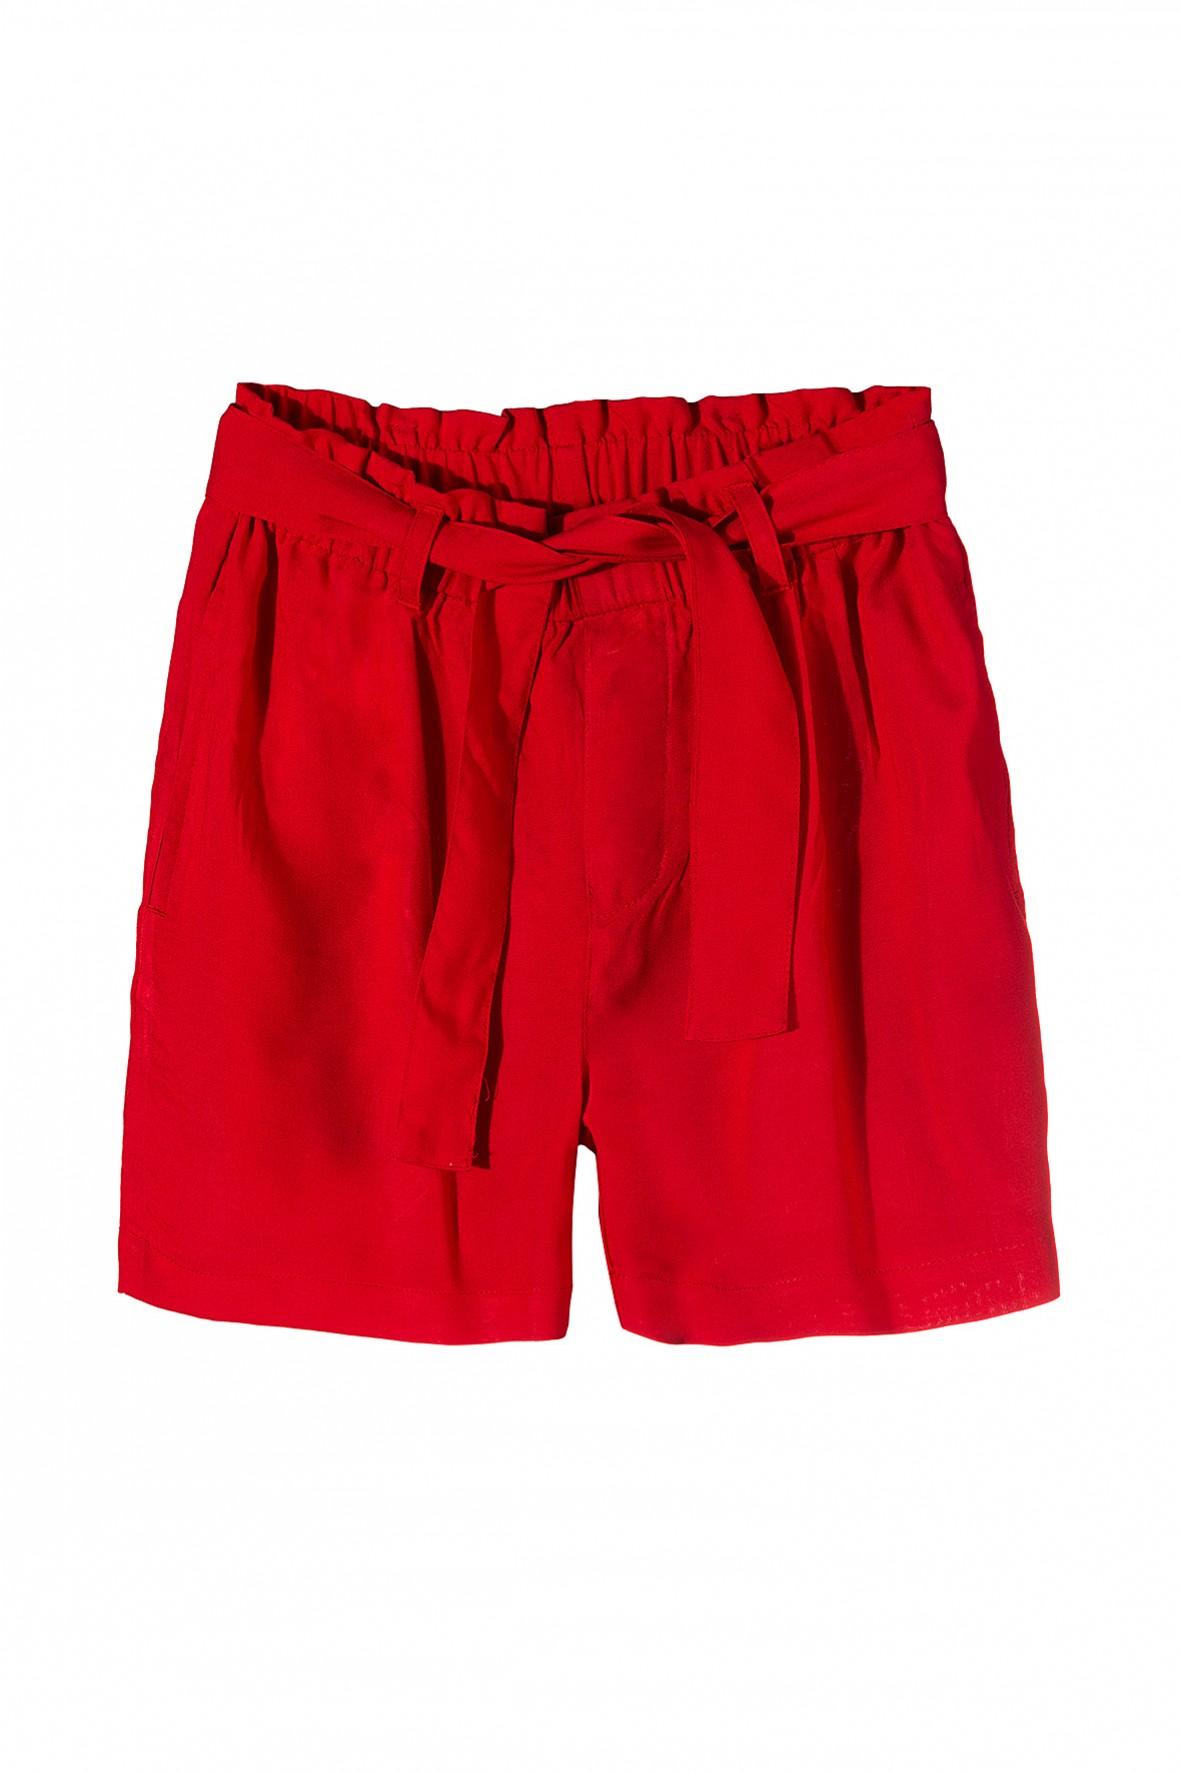 Spodnie dziewczęce w czerwonym kolorze